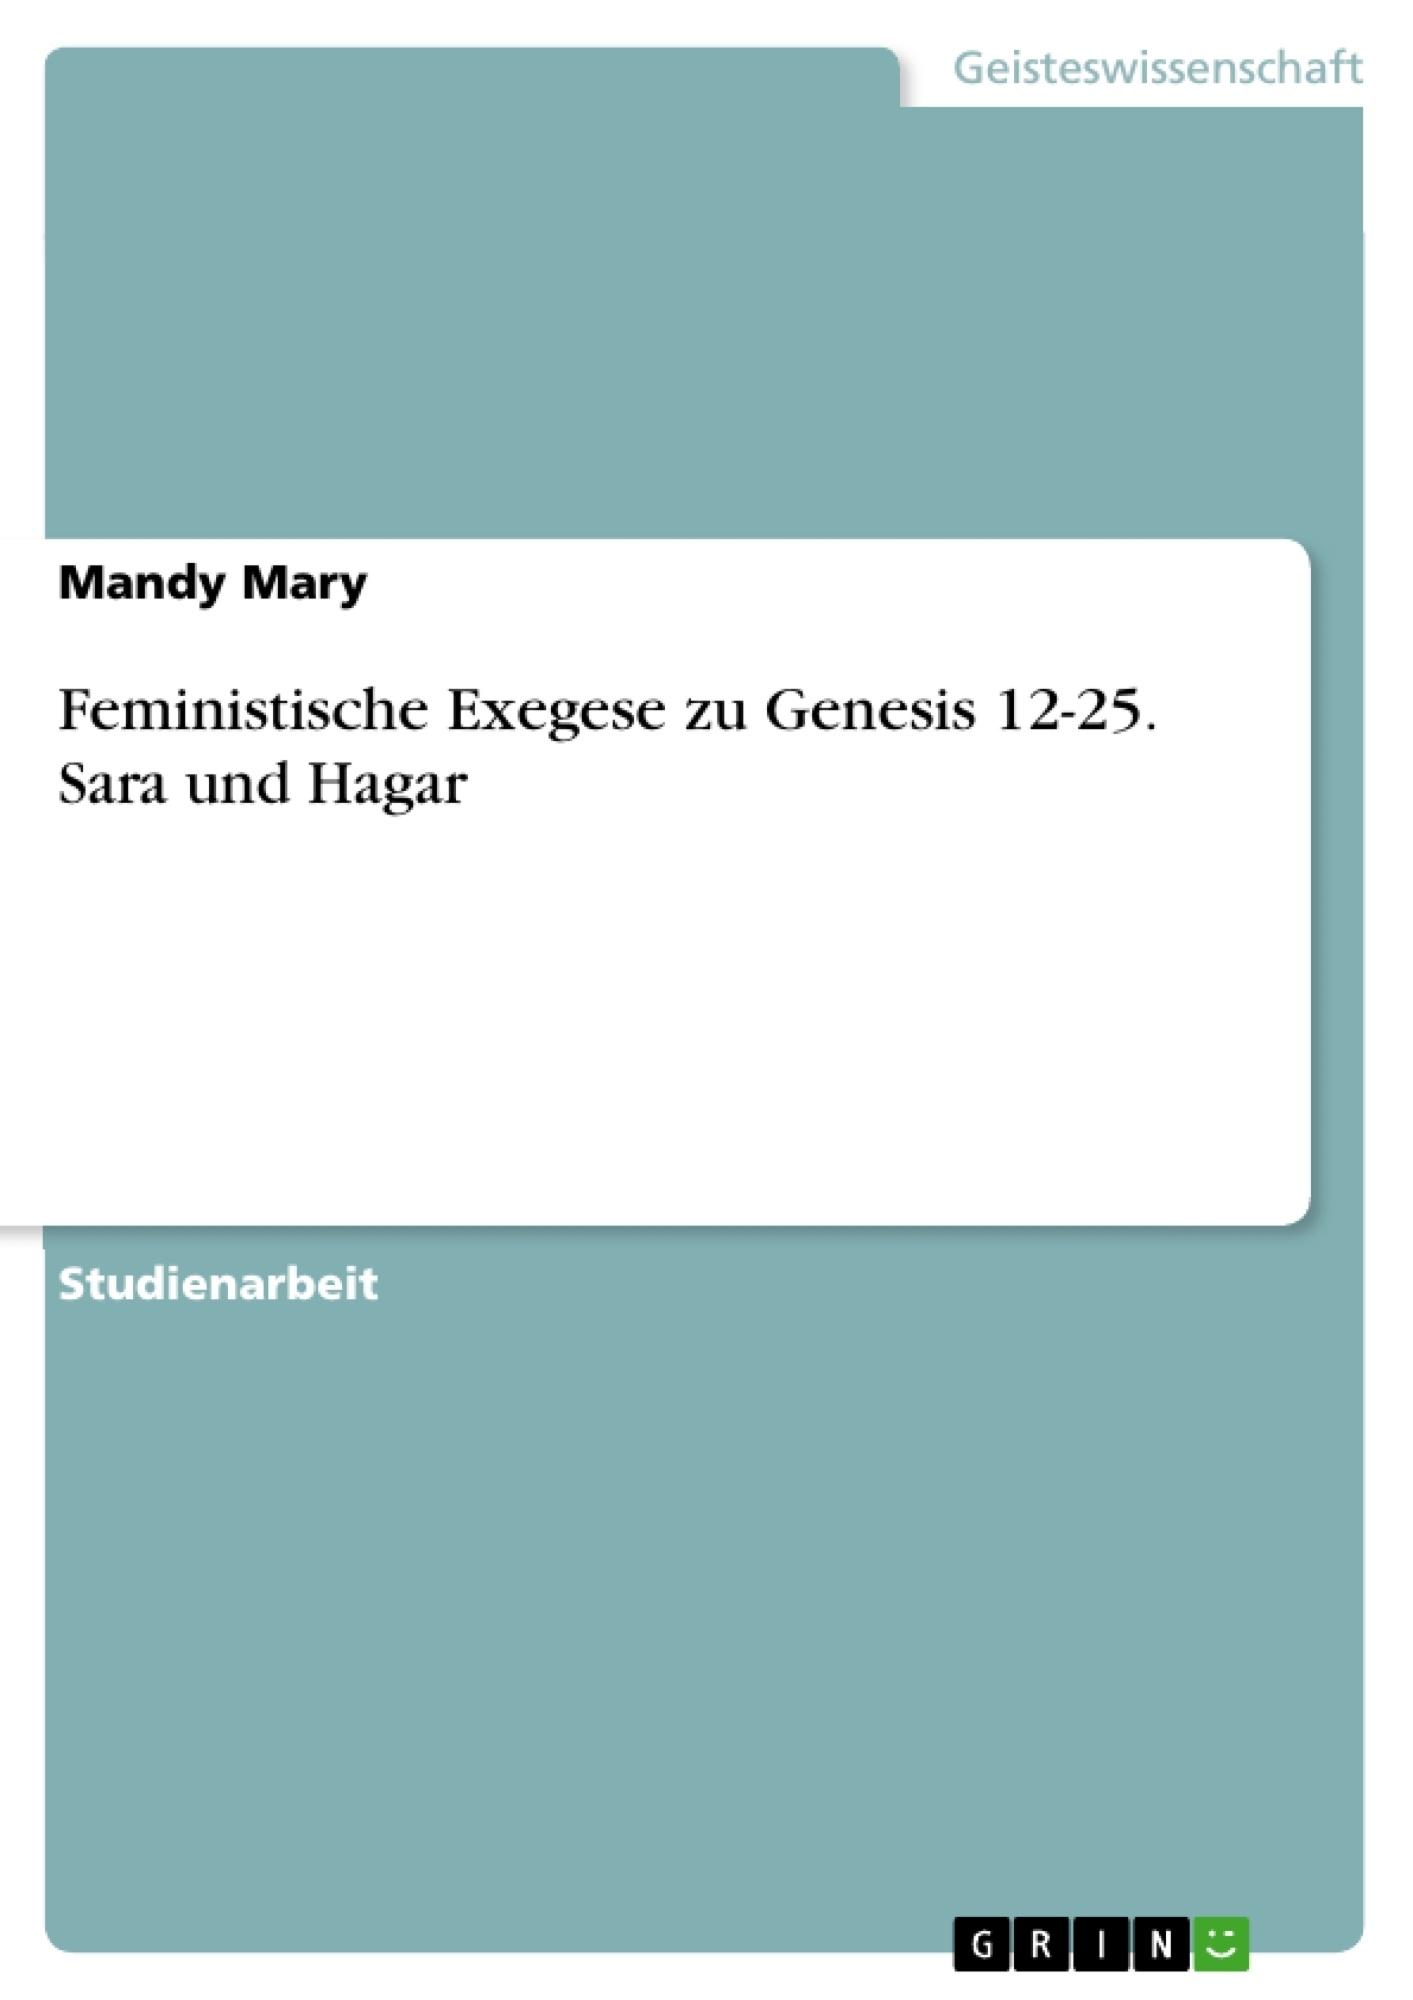 Titel: Feministische Exegese zu Genesis 12-25. Sara und Hagar